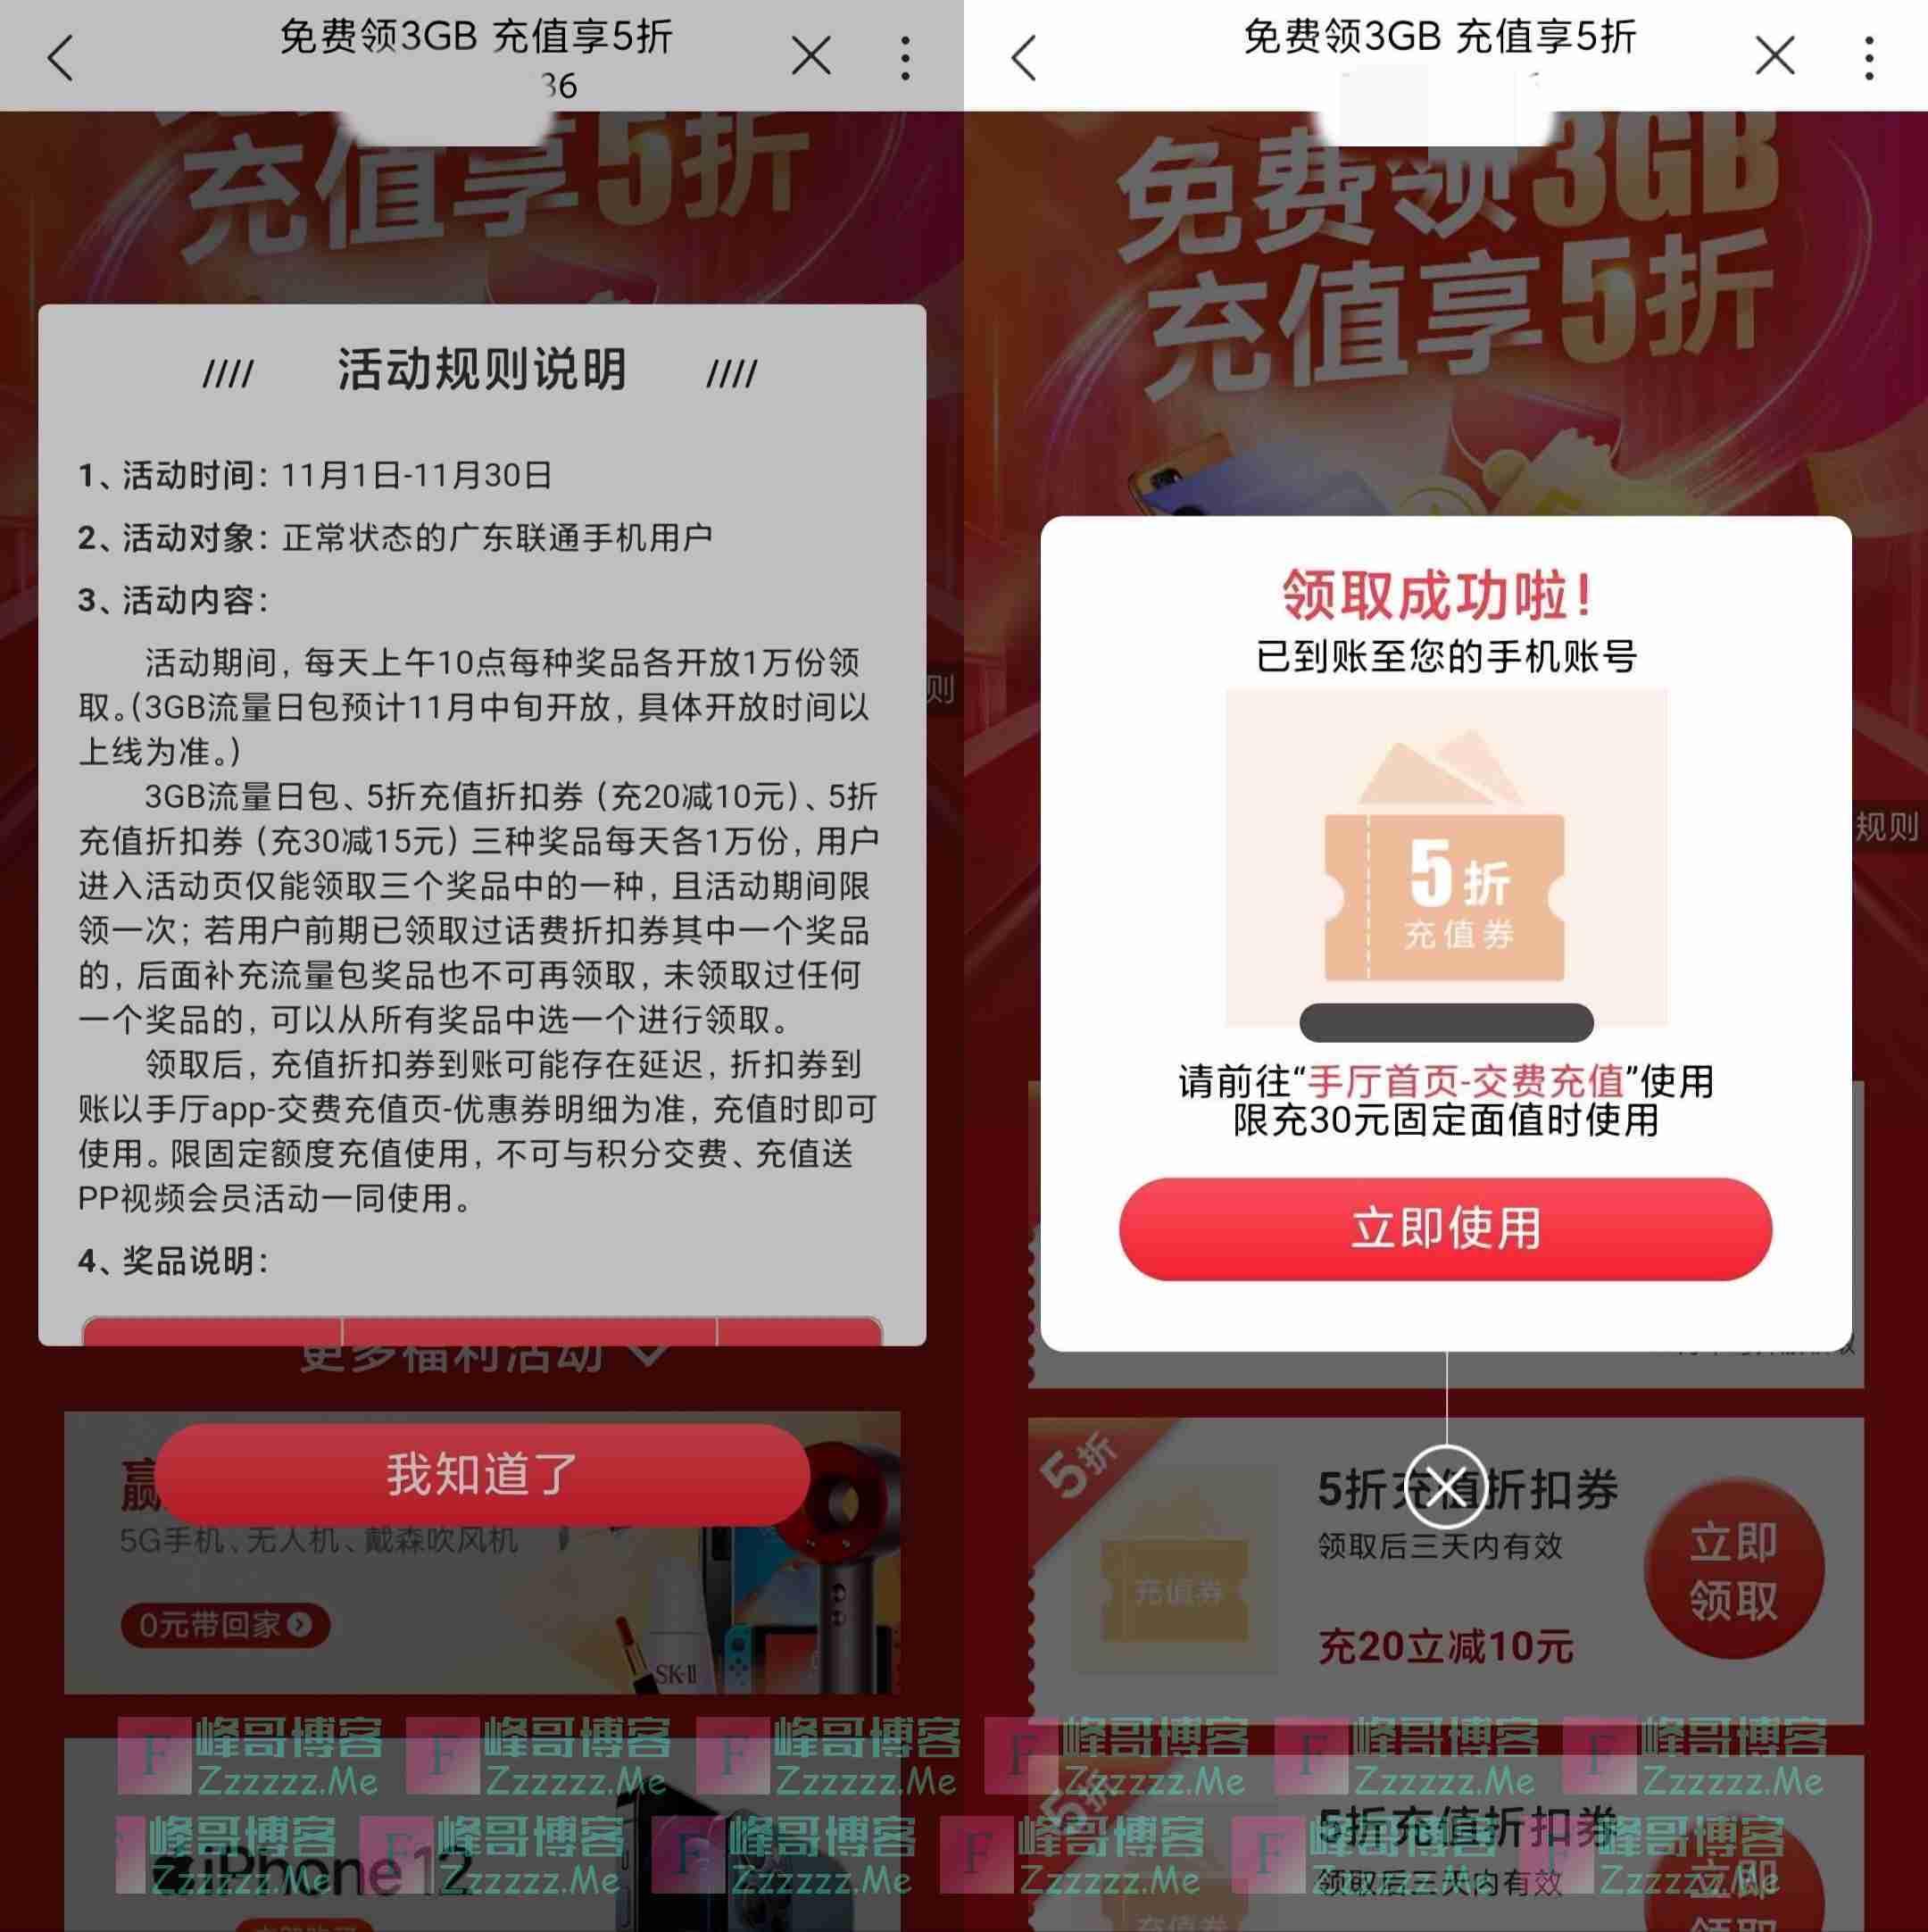 广东联通用户免费领取5折话费充值优惠券